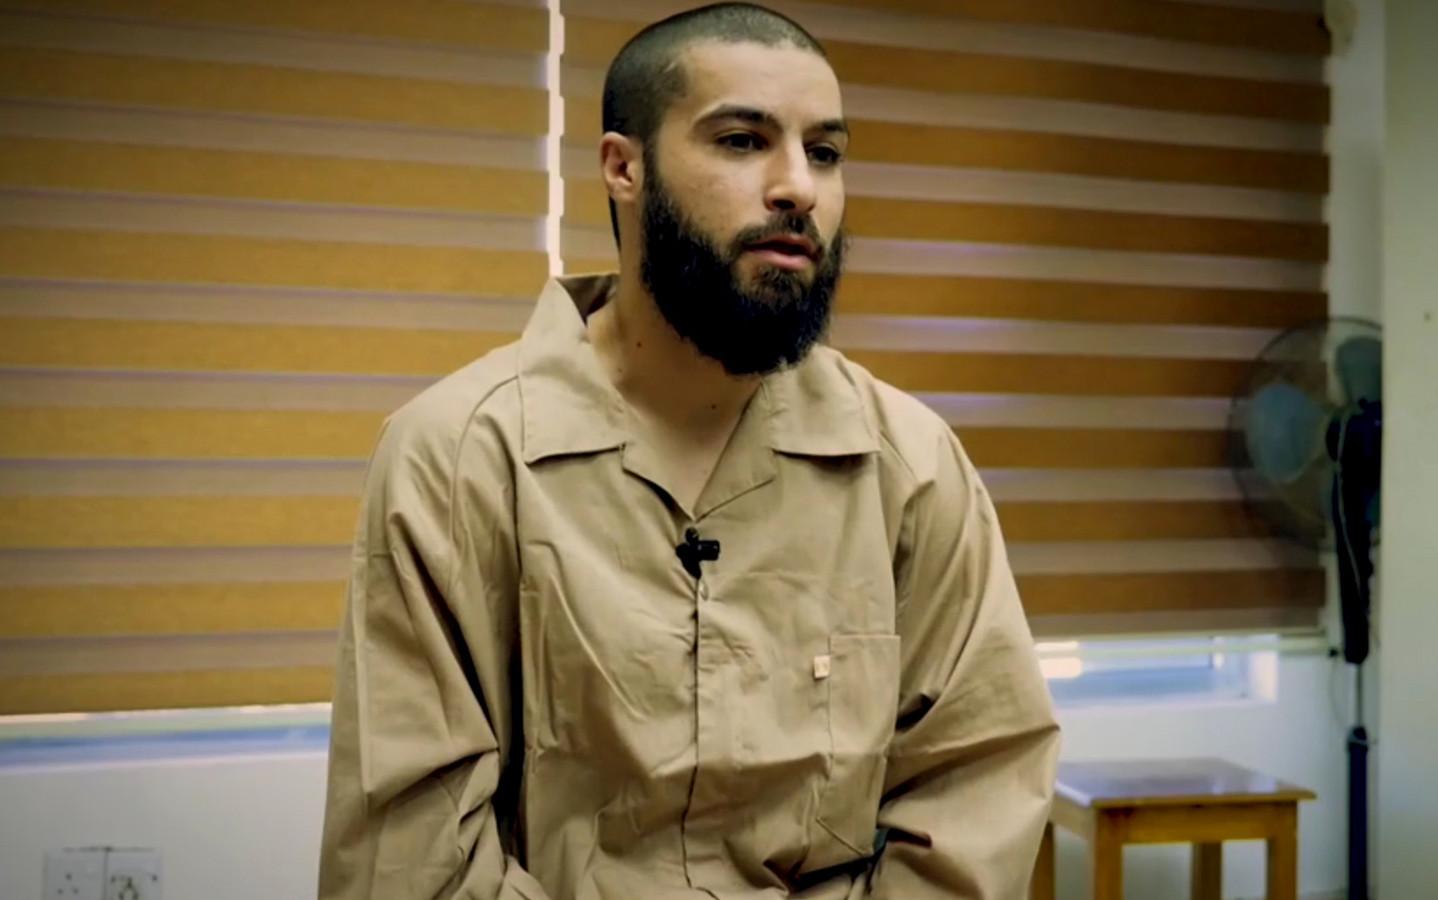 """Rudi Vranckx sprak met de Belgische  IS-strijder Tarik Jadaoun, die momenteel vastzit in een Iraakse cel. """"Ik heb informatie die van pas kan komen voor de inlichtingendiensten"""", verklaarde hij toen."""